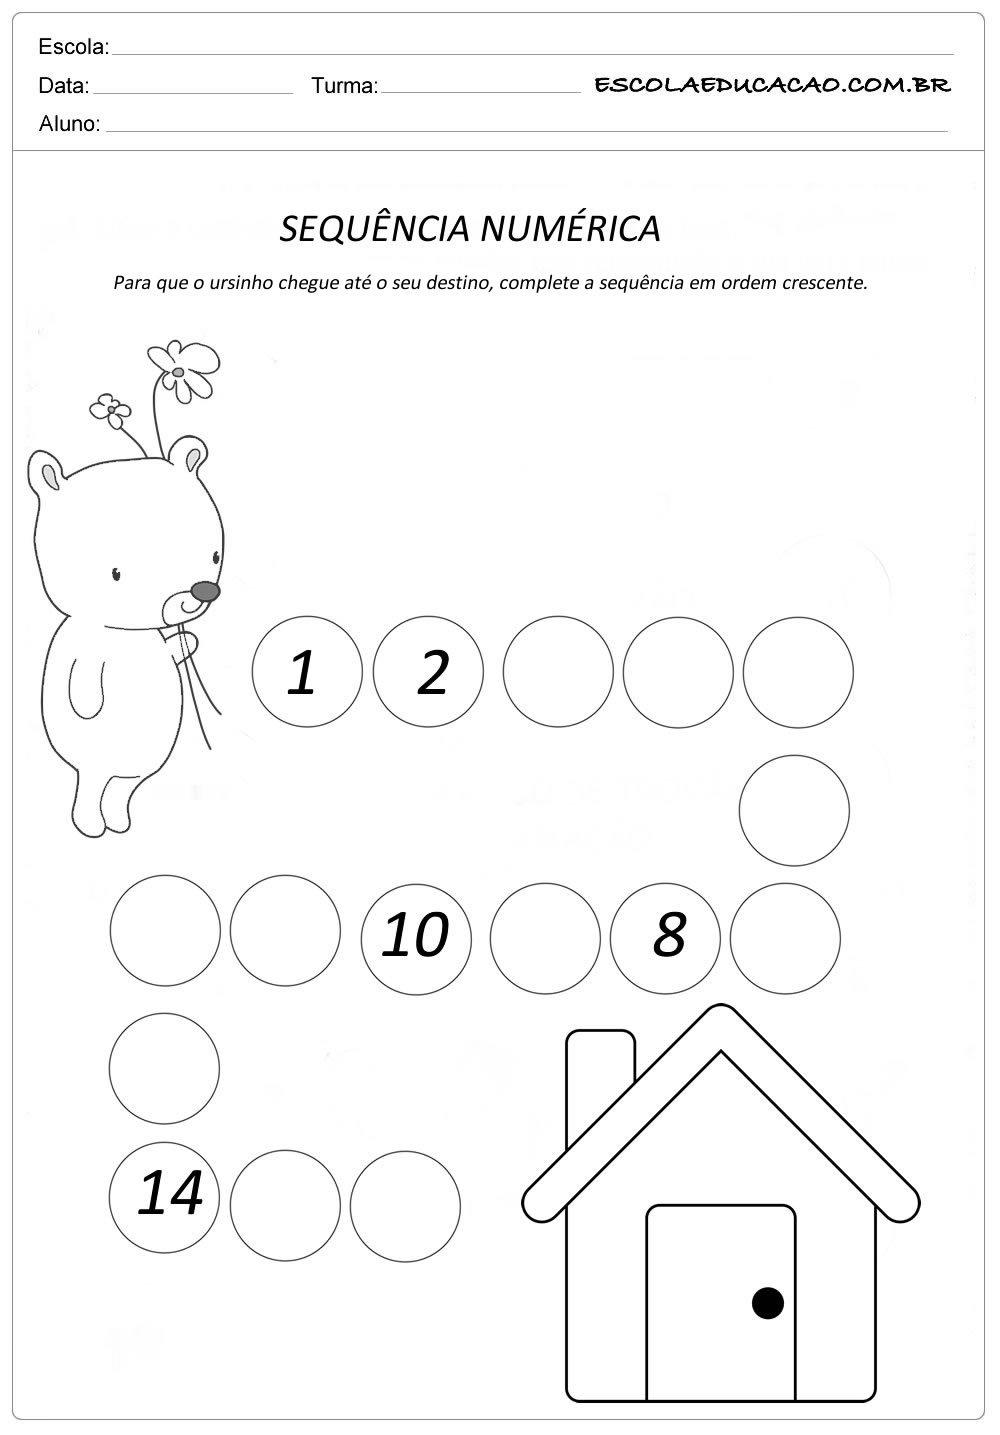 Atividade Sequência Numérica – Leve o ursinho até a casinha